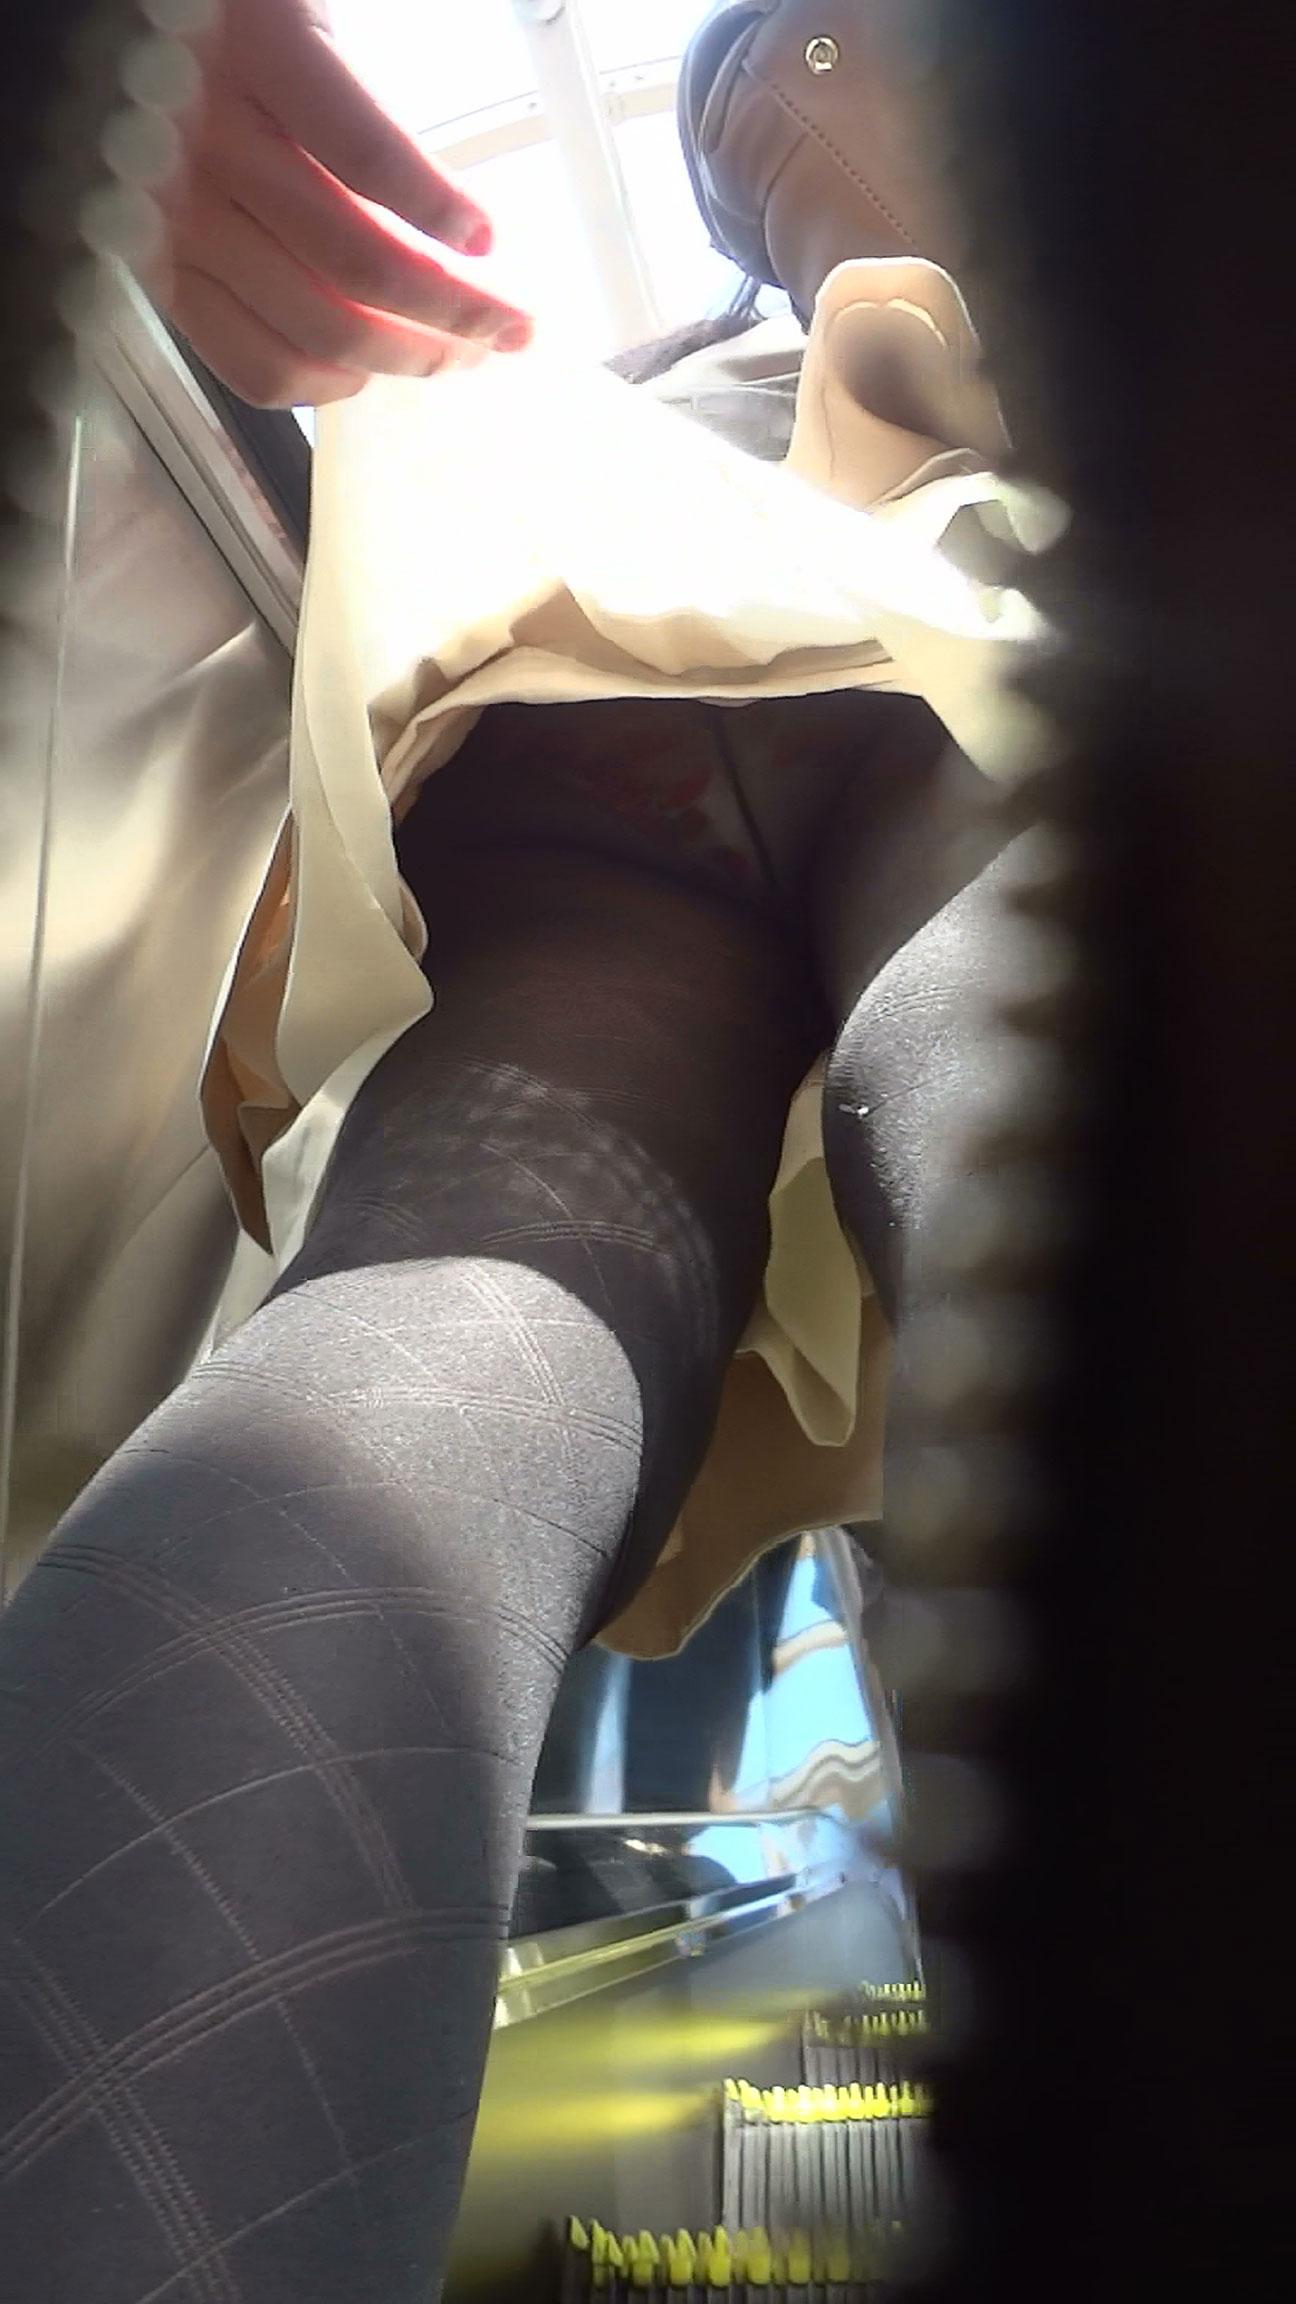 【パンチラ画像】見えぬなら捲ってしまえw執念のスカート捲り上げ撮りwww 14